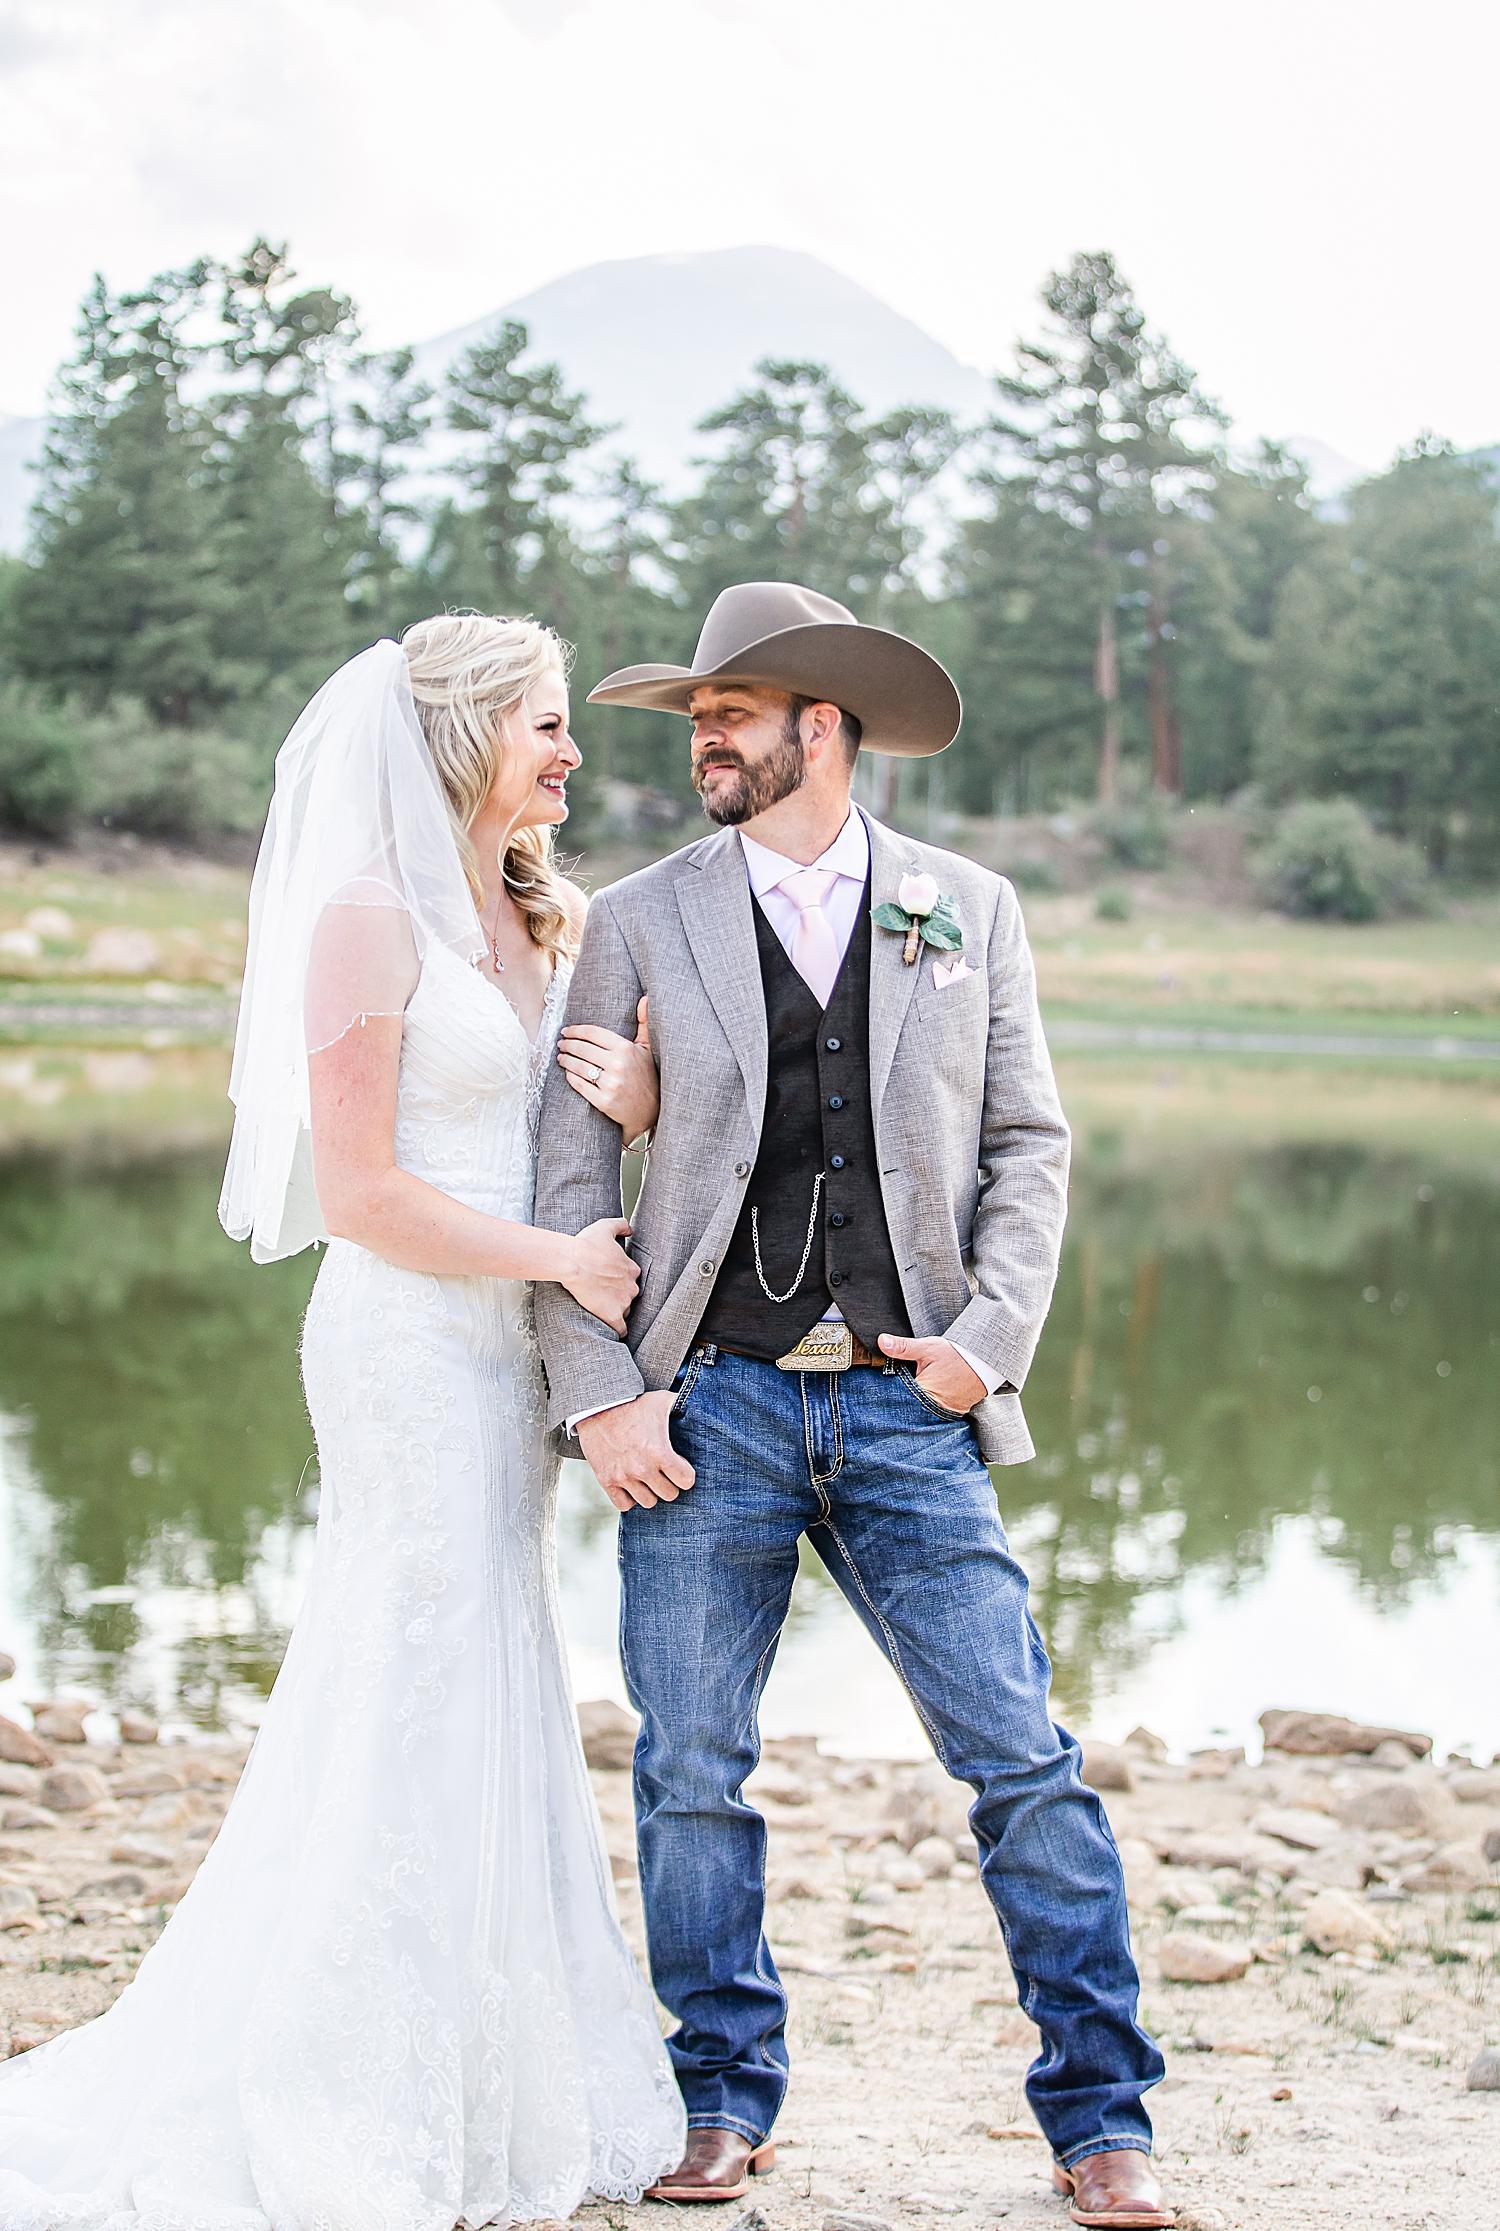 Carly-Barton-Photography-Rocky-Mountain-National-Park-Estes-Park-Wedding-Elopement_0039.jpg